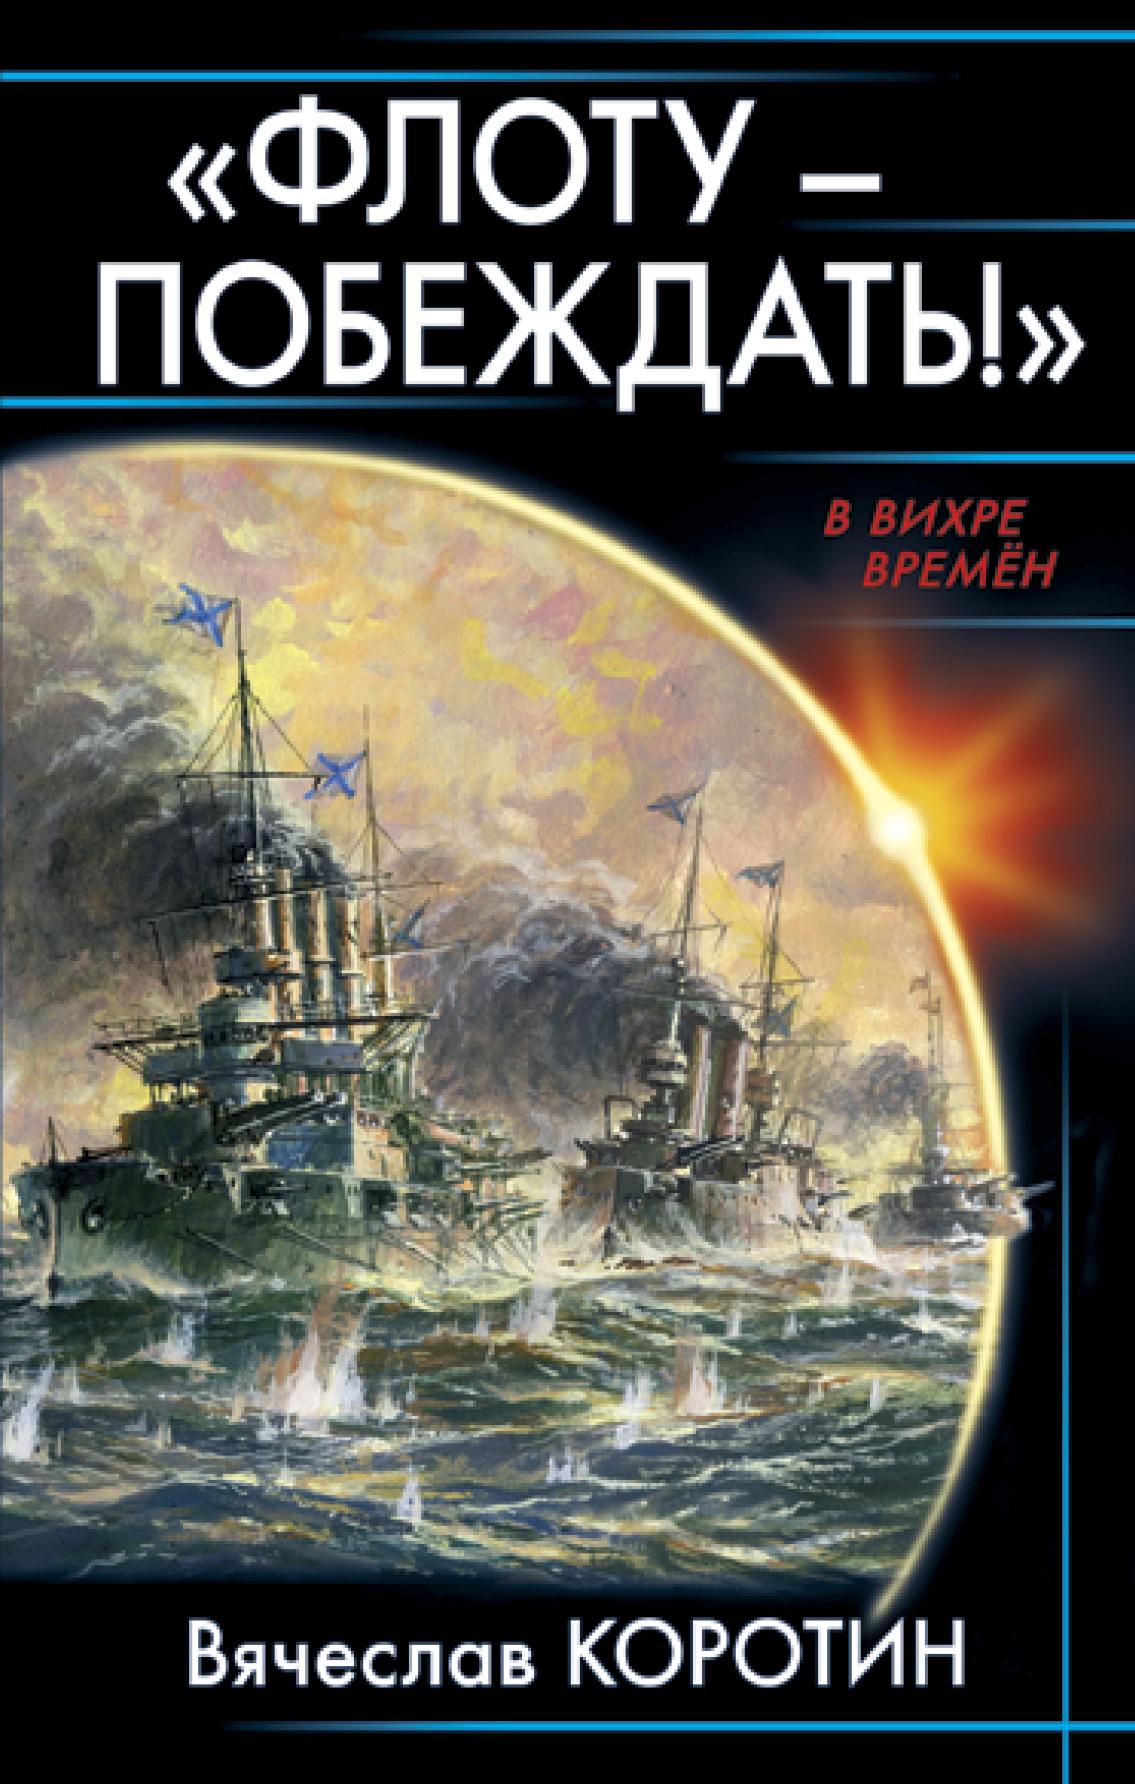 Вячеслав Коротин «Флоту – побеждать!» балакин с триумфаторы цусимы броненосцы японского флота